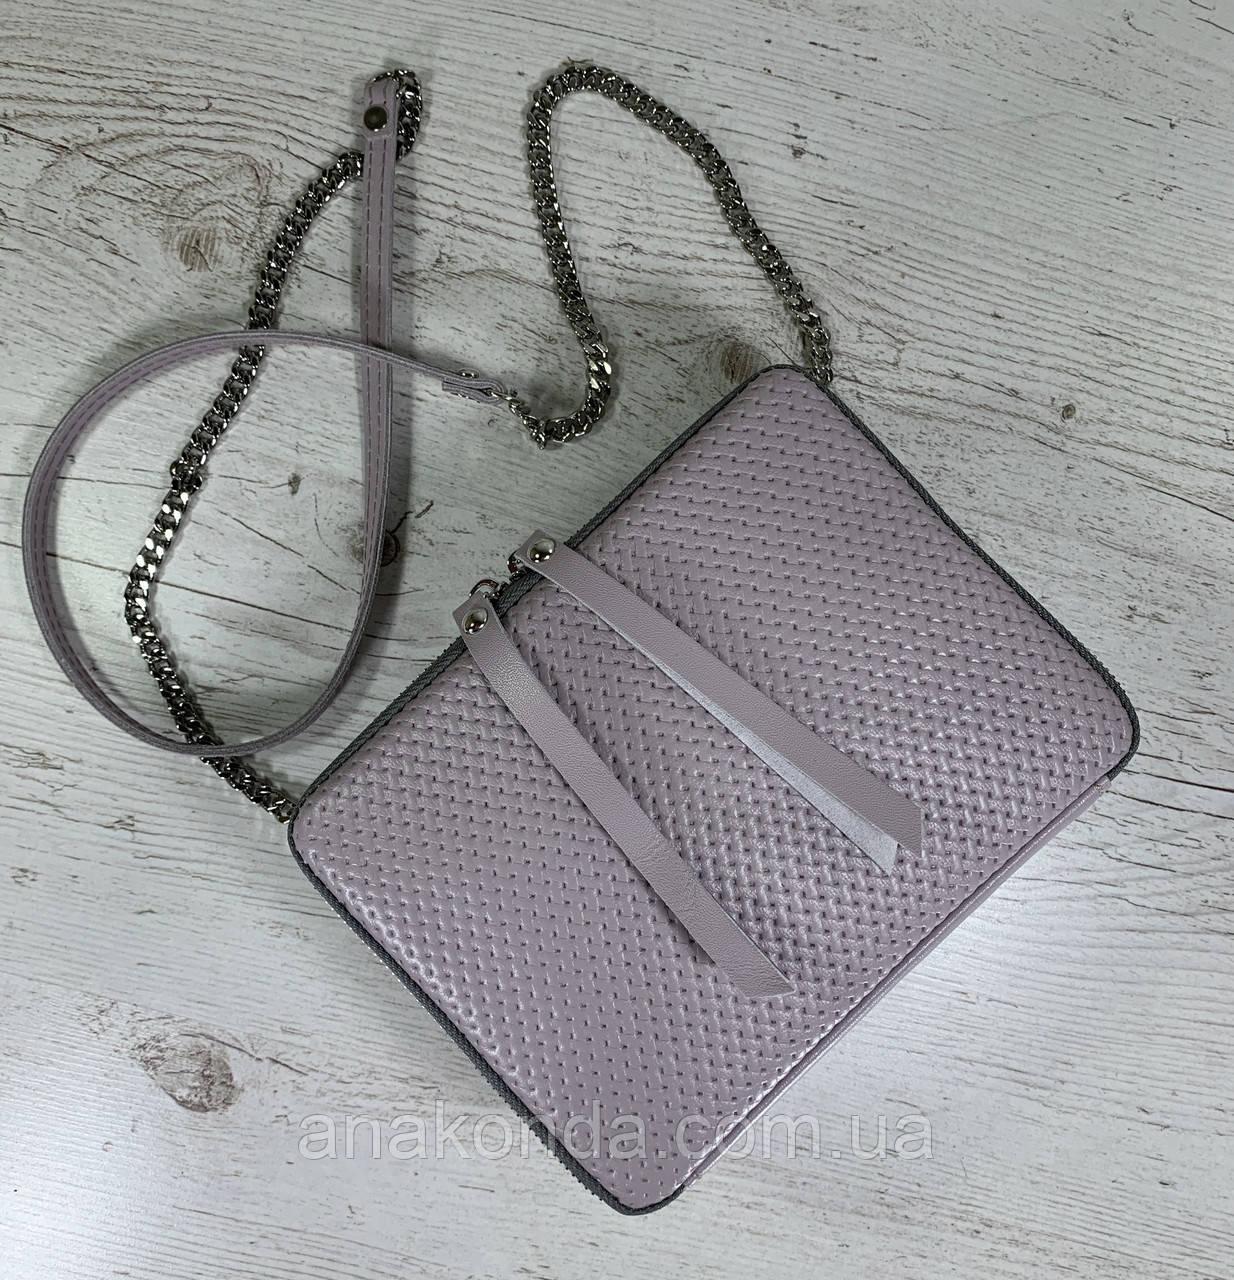 63-3 Из натуральной кожи сумка женская кросс-боди пастельно-сиреневая сумка кожаная сумка светлая лиловая